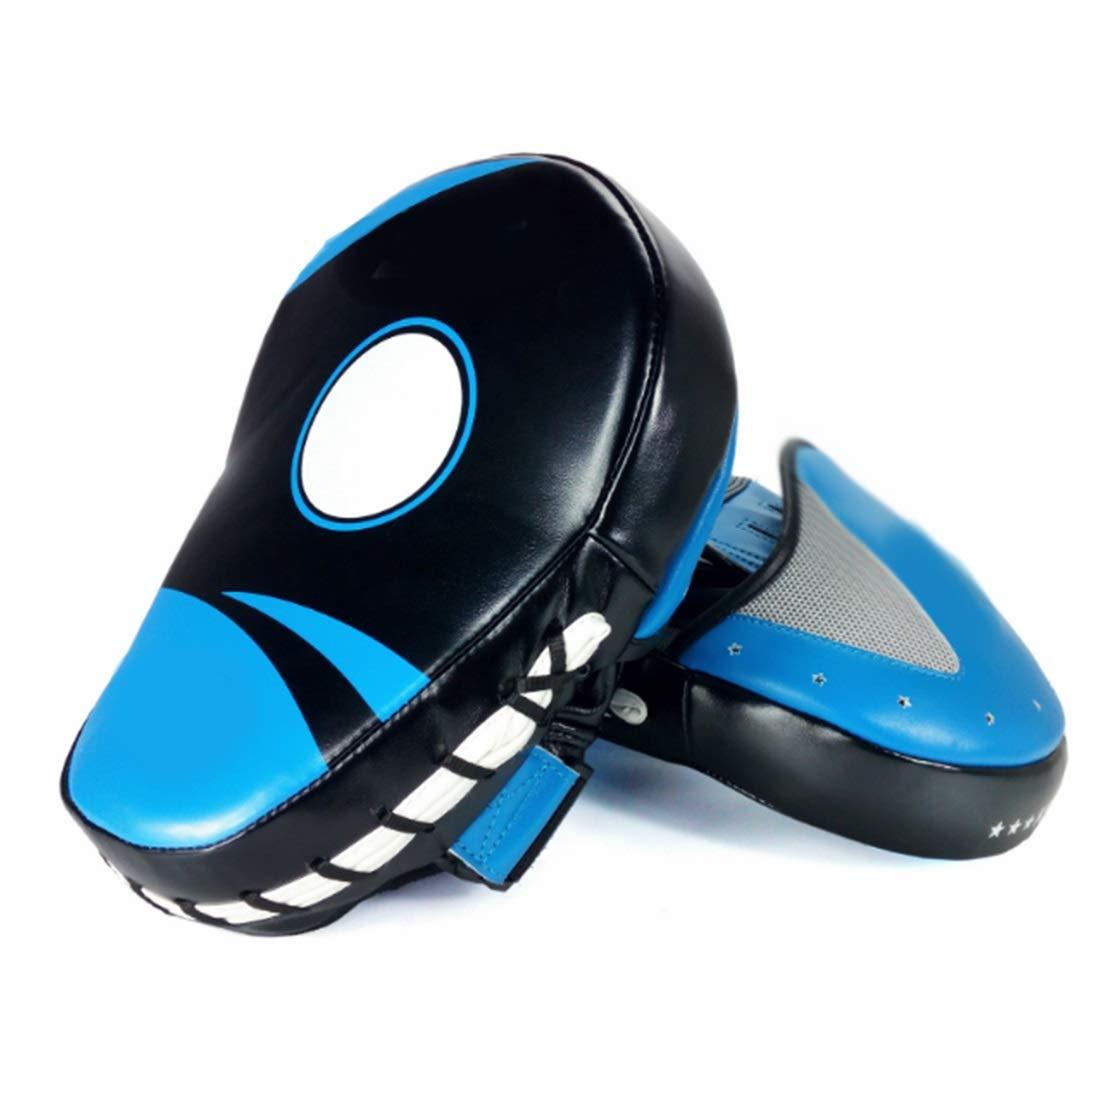 koloeplf テコンドー空手サンダMMAボクシングミットレザー/ボクシングジム/ボクシング/ムエタイ (Color : ブルー) B07KM4ZVNQ  ブルー